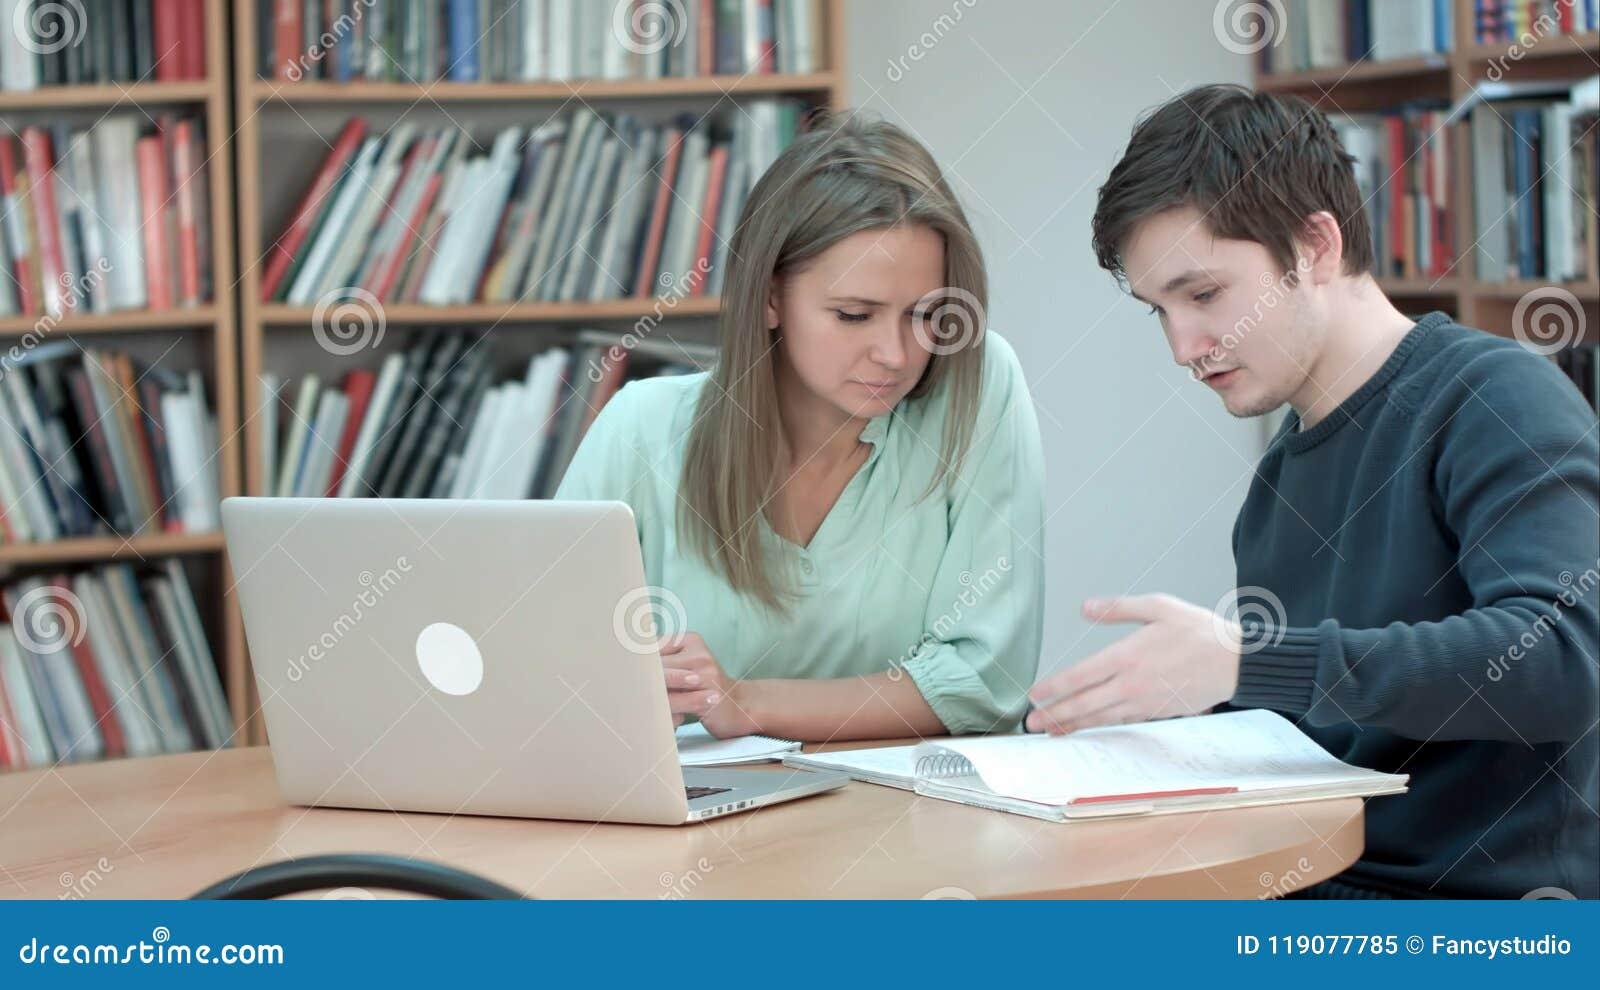 Estudante da High School que trabalha na biblioteca após classes, usando o portátil